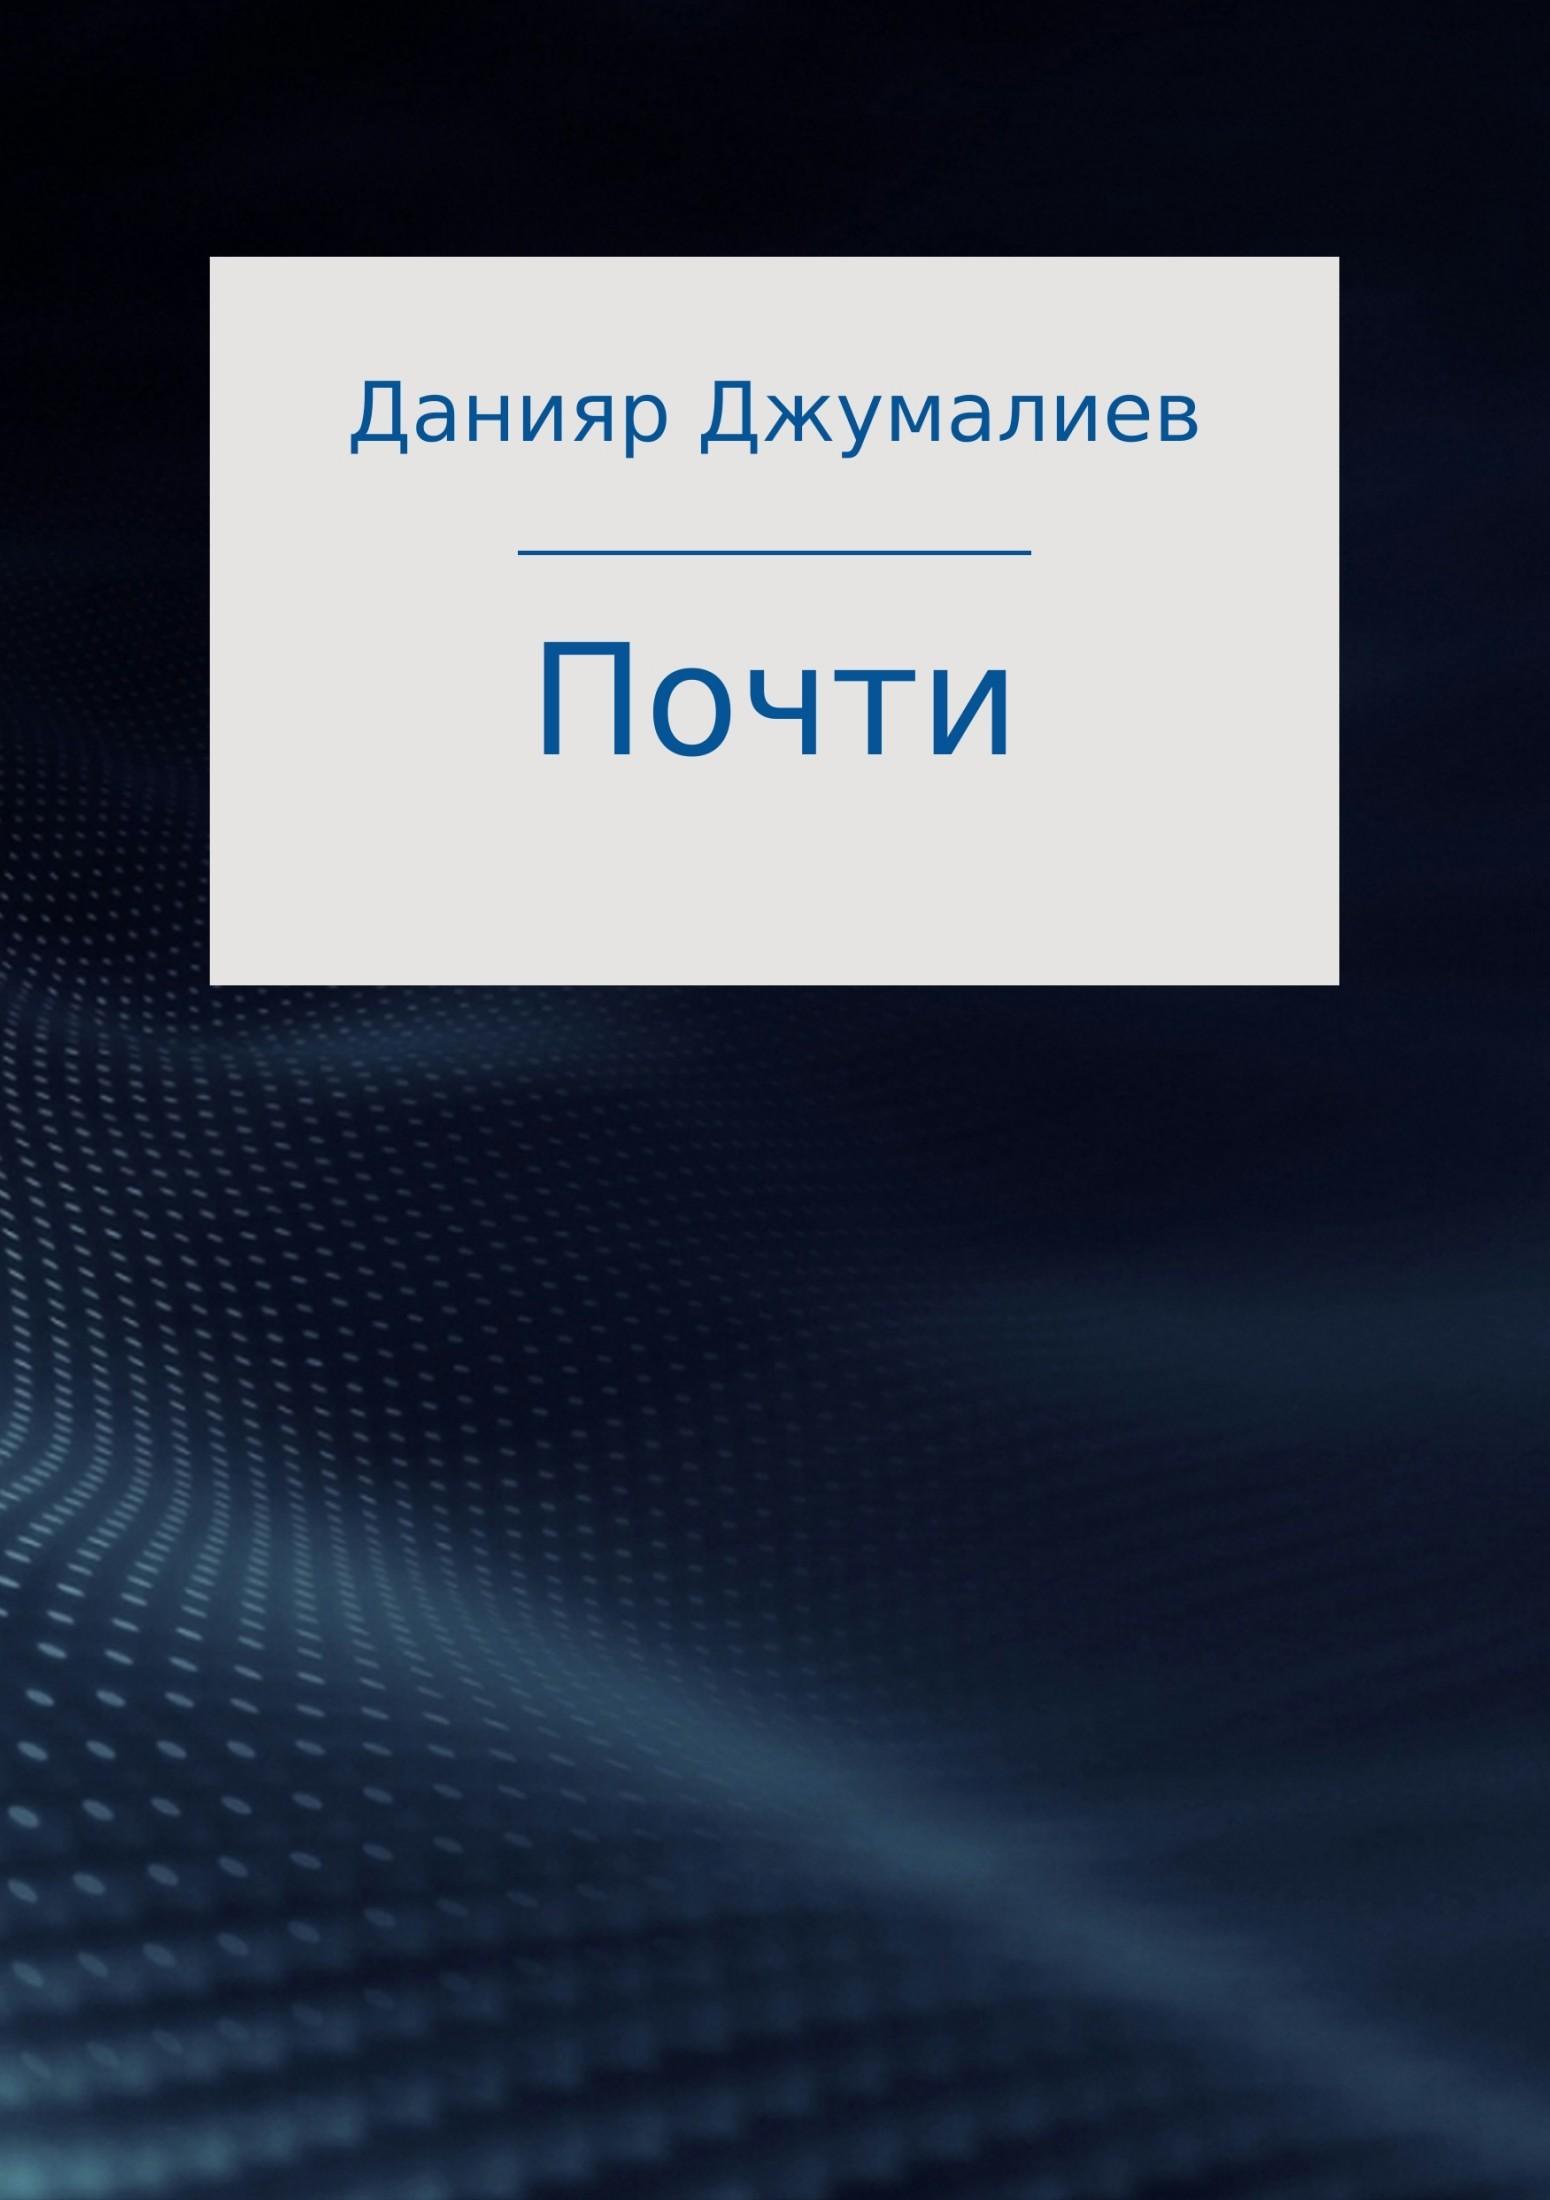 Данияр Темирбекович Джумалиев бесплатно